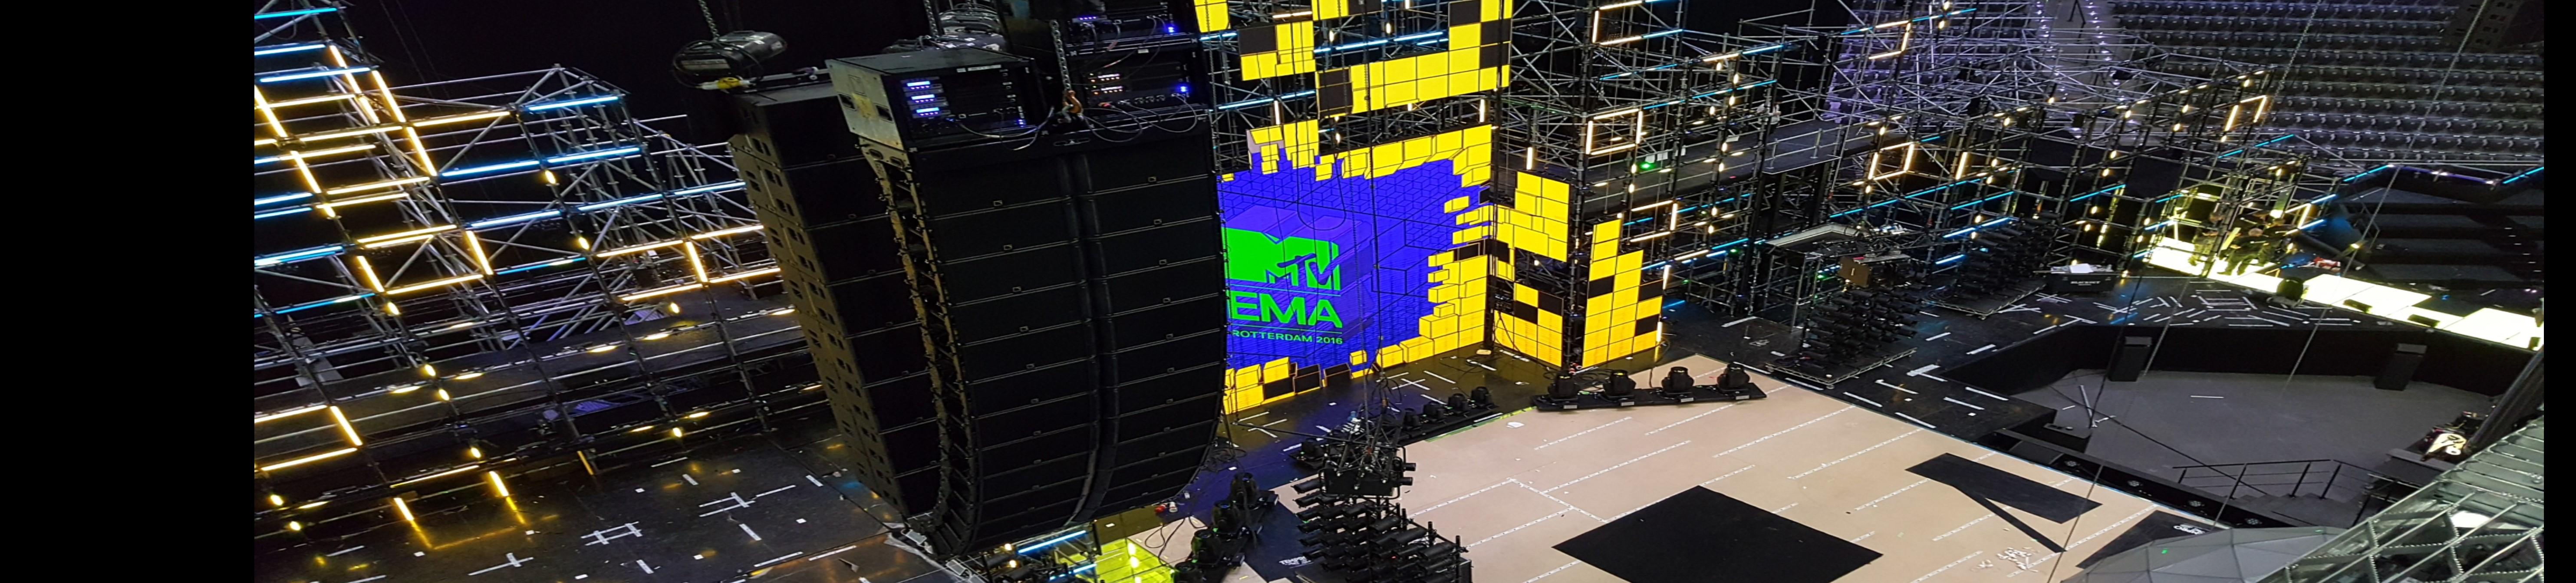 MTV-EMAS-2016-home-page-slider